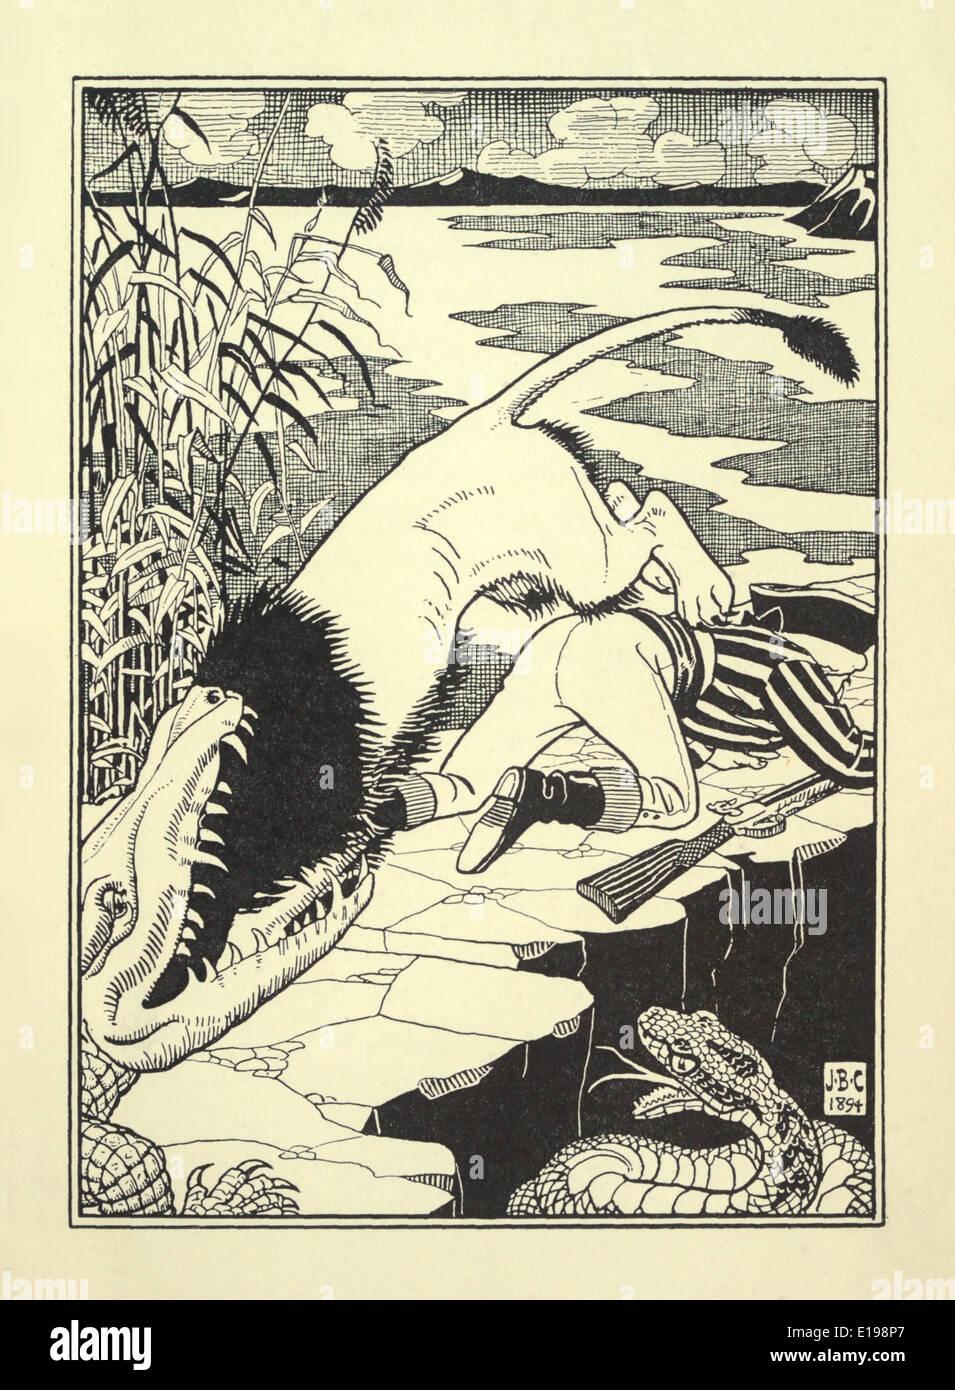 """J. B. Clark ilustración de 'las sorprendentes aventuras del barón de Munchausen"""" por Rudoph Raspe publicada en 1895. Lion & Croc Foto de stock"""